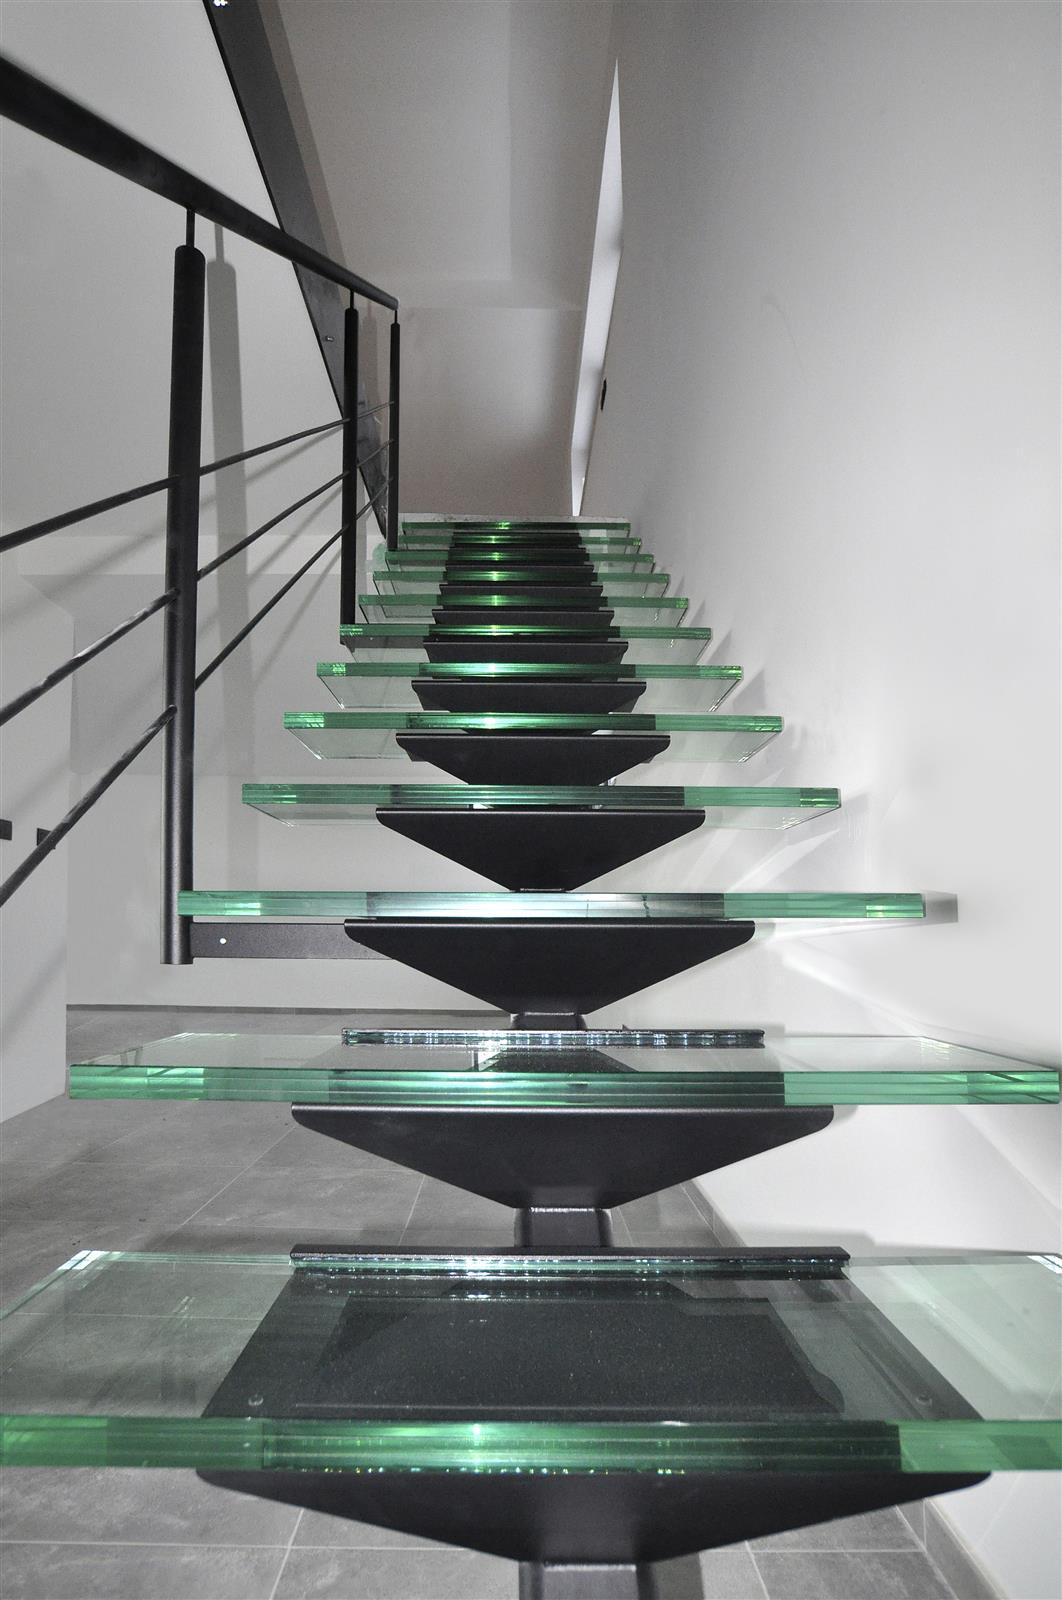 Escaliers marches verre ets bertrand - Marche escalier en verre ...